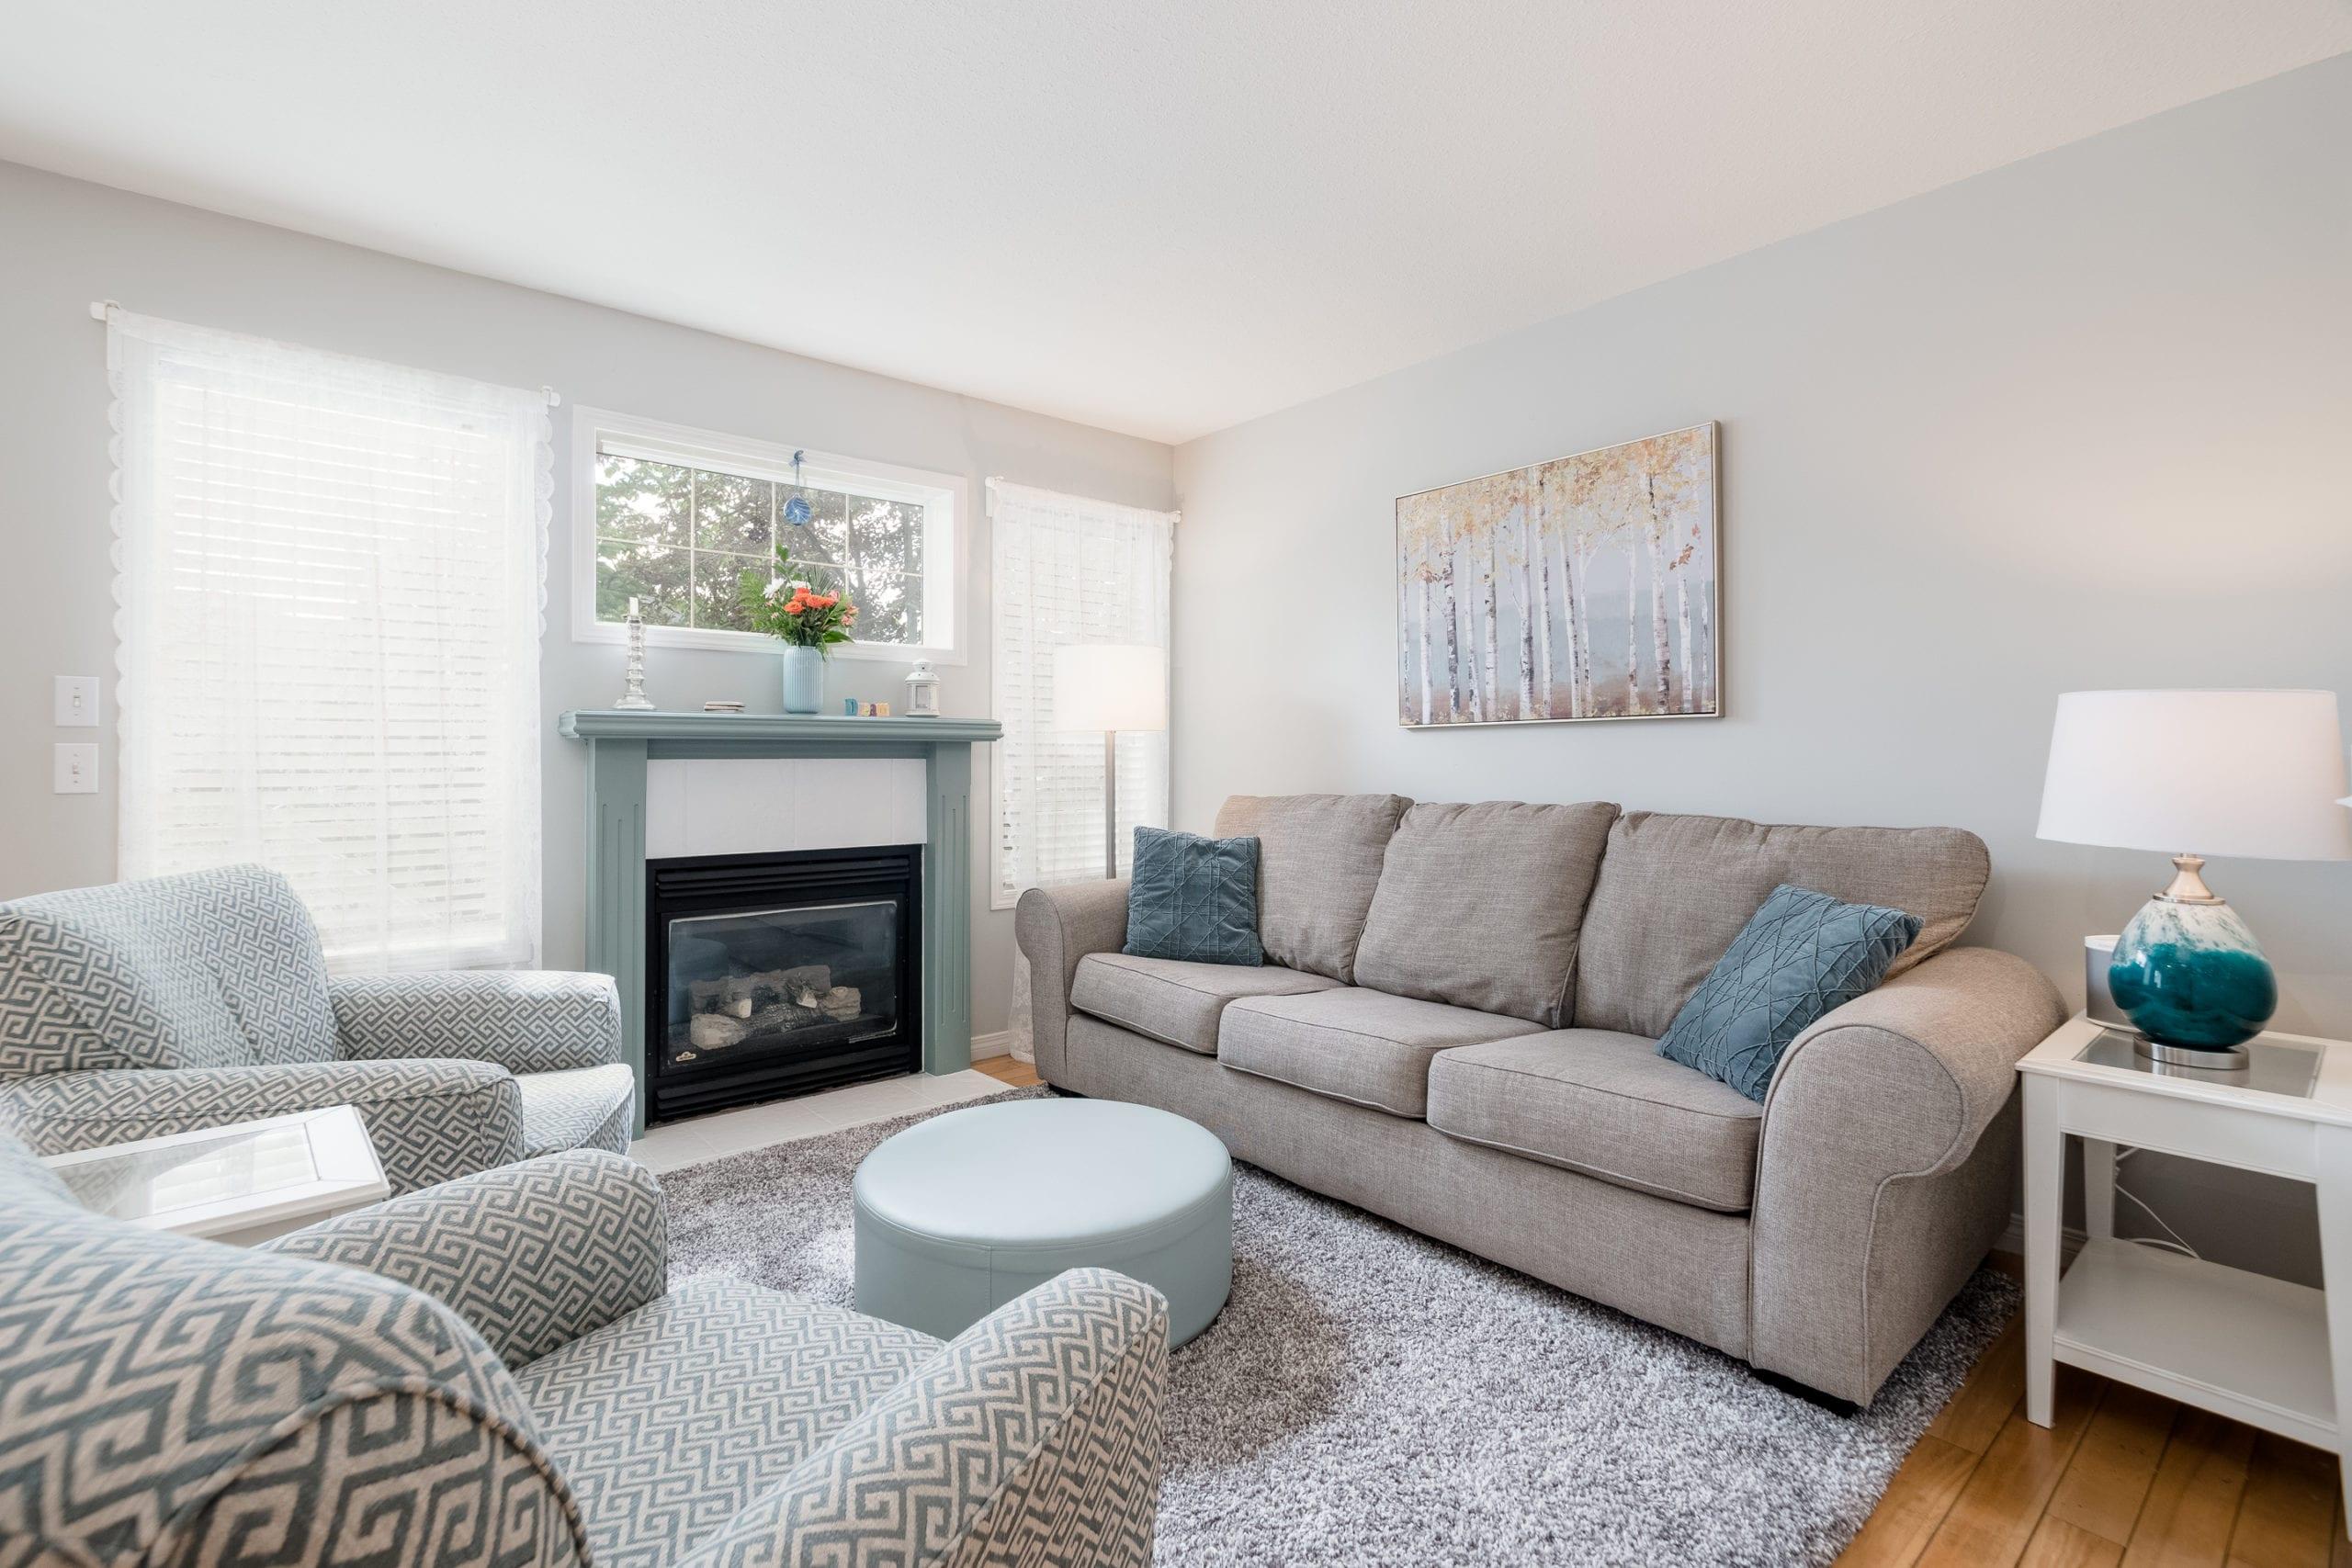 Hello Gorgeous - 21-12 Silver Creek Blvd NW, Airdrie AB - Tara Molina Real Estate (4 of 32)